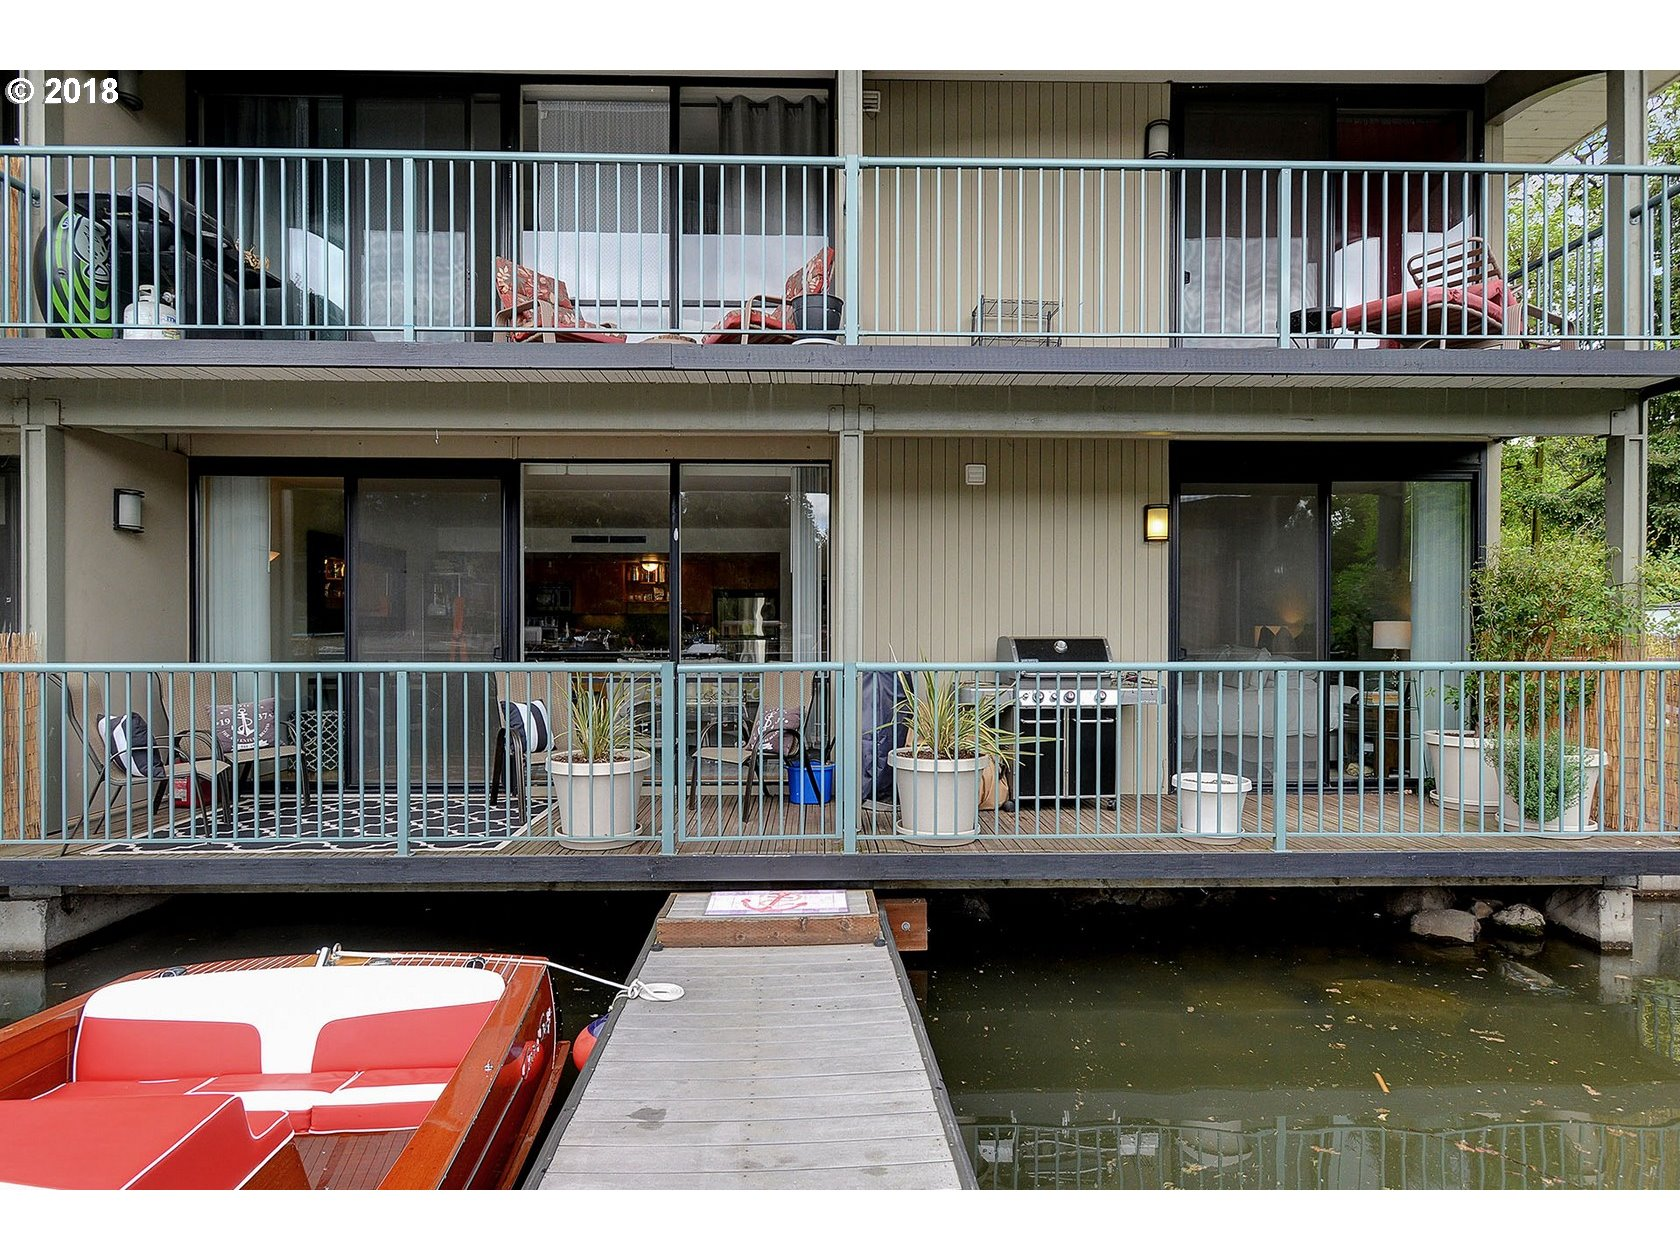 668 MCVEY AVE 54, Lake Oswego, OR 97034